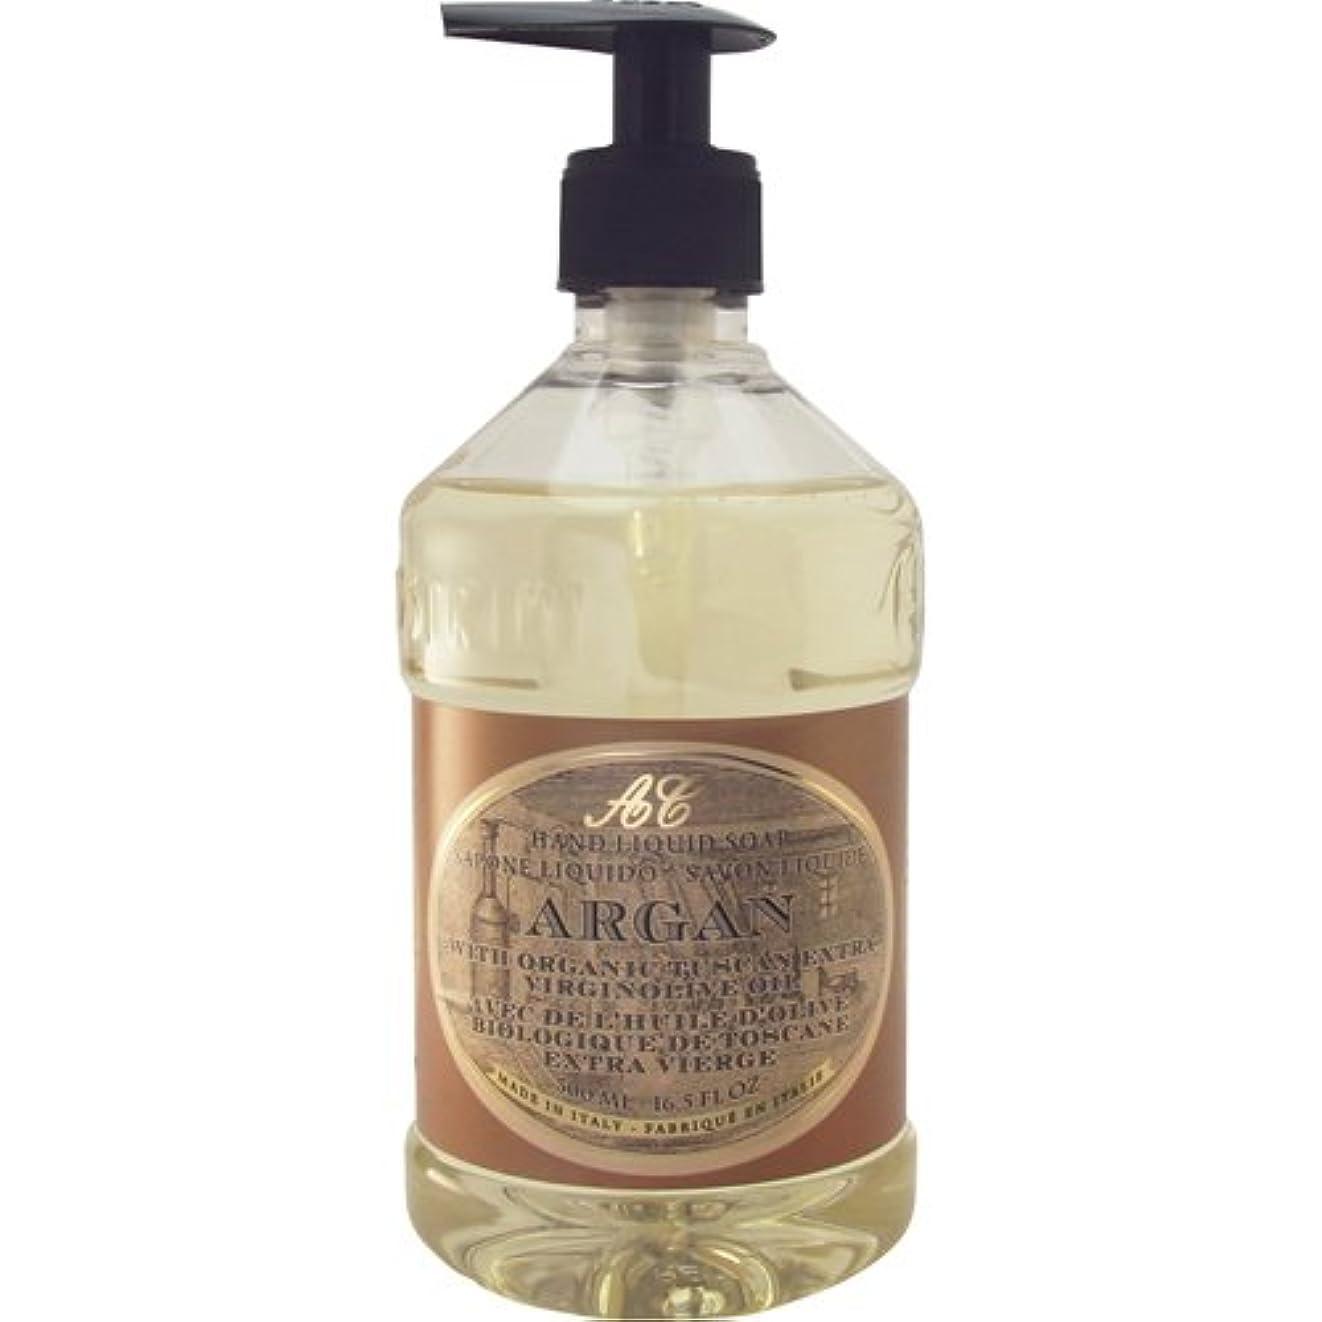 ストレスの多い成長繊維Saponerire Fissi レトロシリーズ Liquid Soap リキッドソープ 500ml Argan アルガンオイル